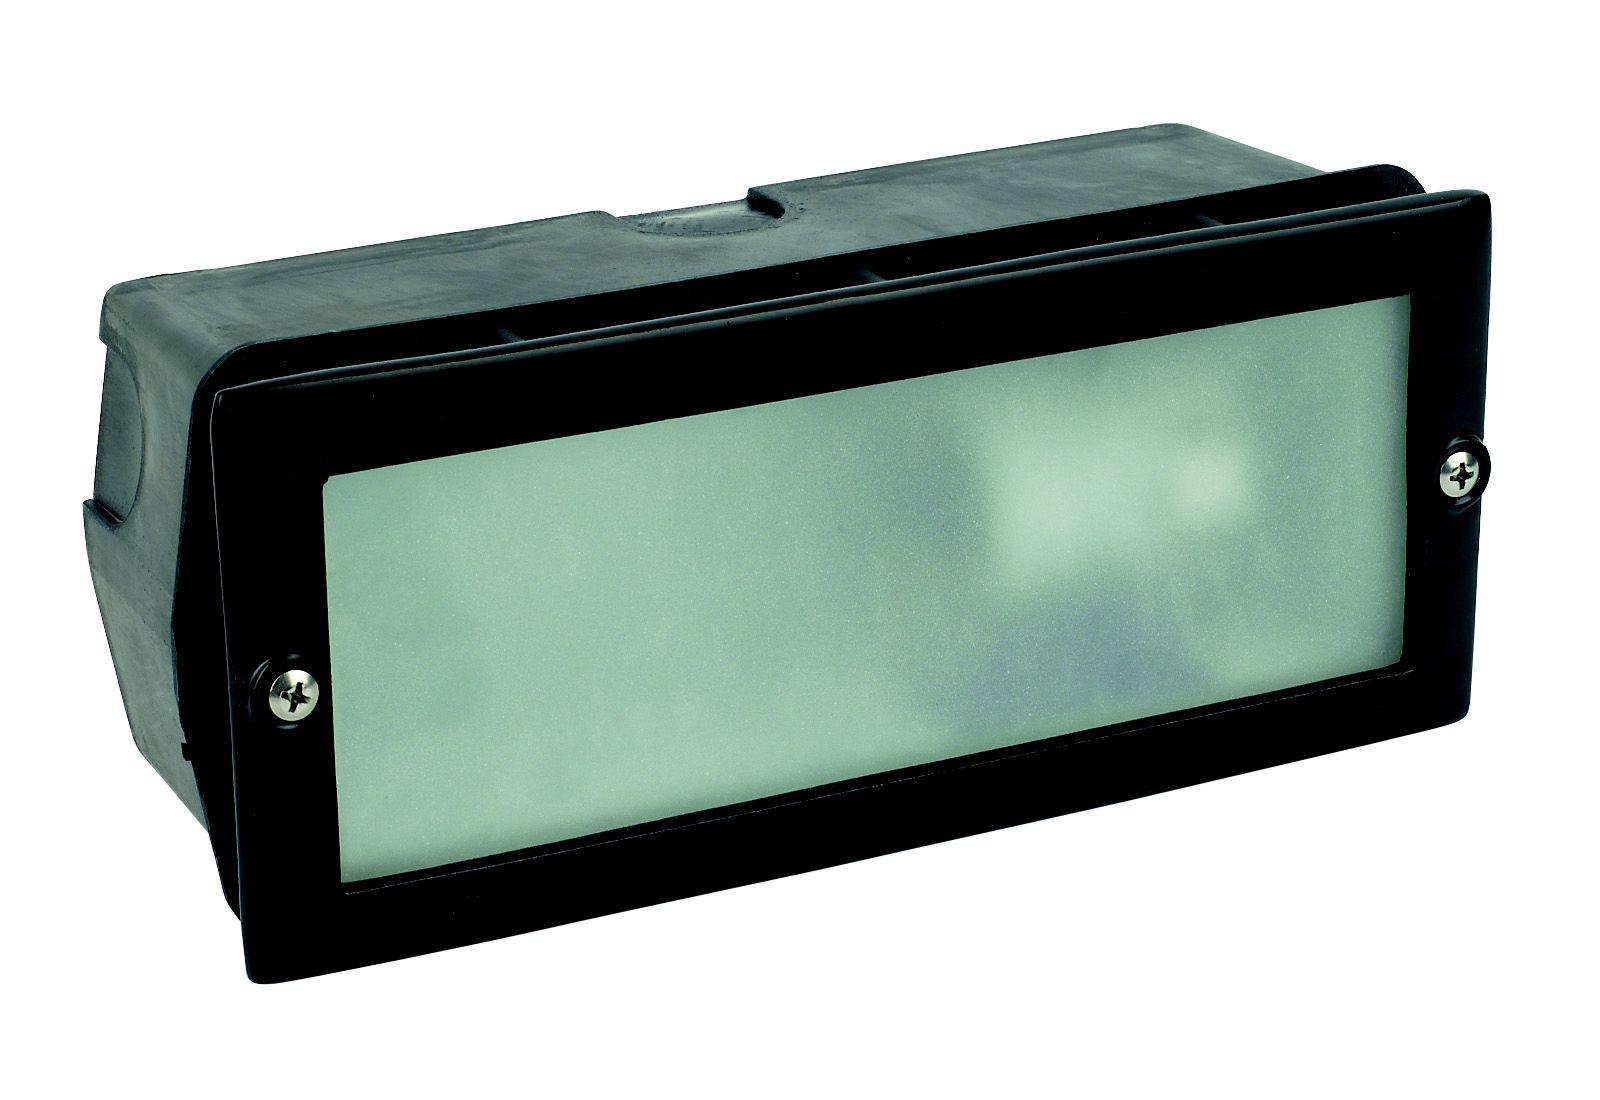 Black Mains Powered External Brick Light Departments